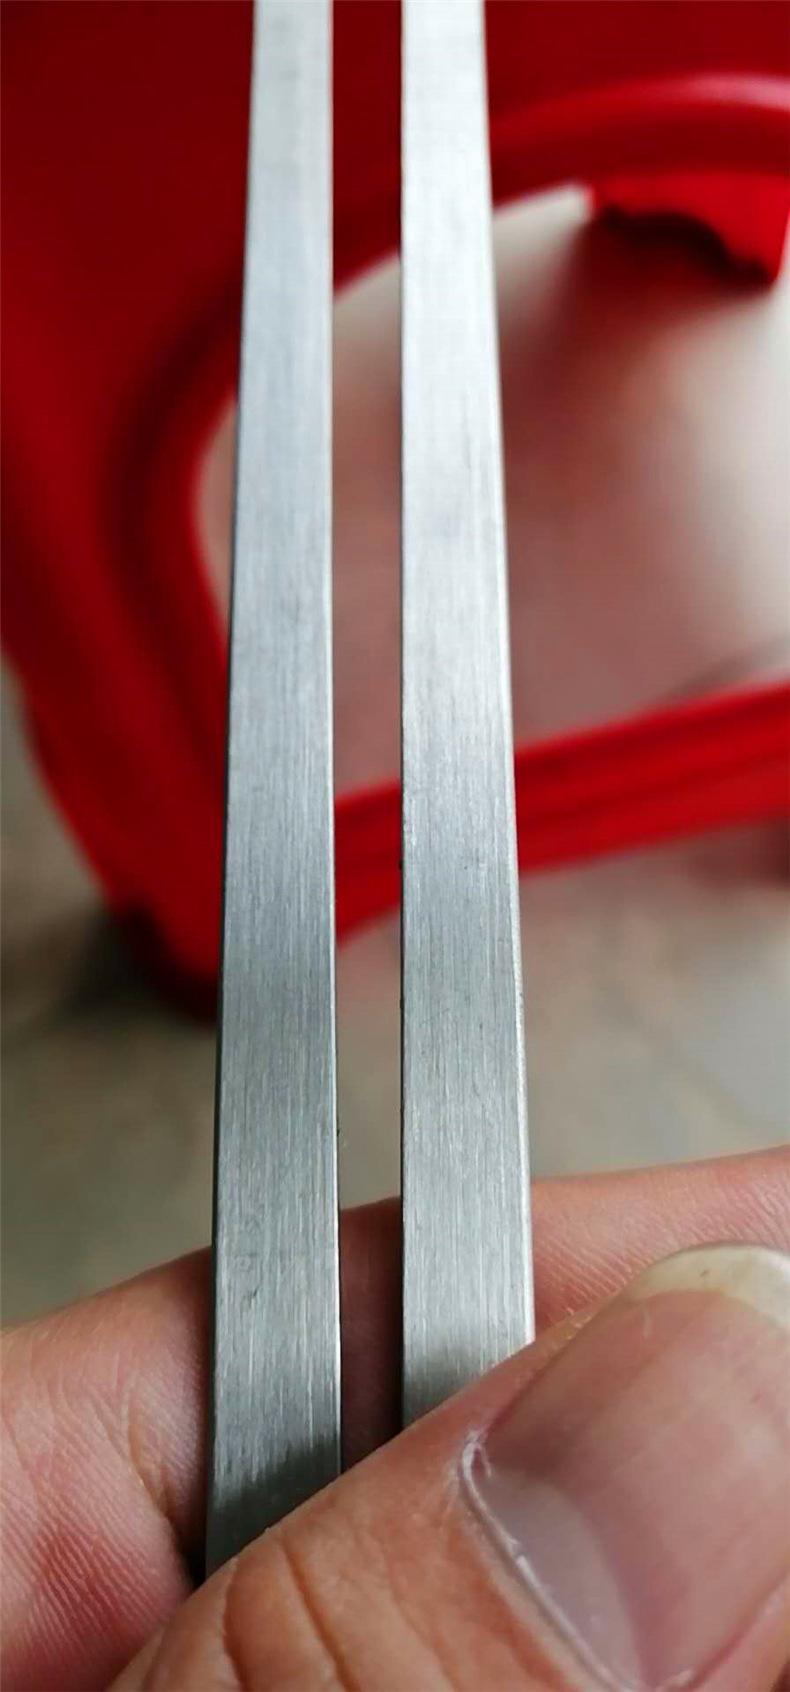 6毫米不锈钢实心条 镜面钛金装饰T条瓷砖收口填缝玫瑰金条批发示例图17